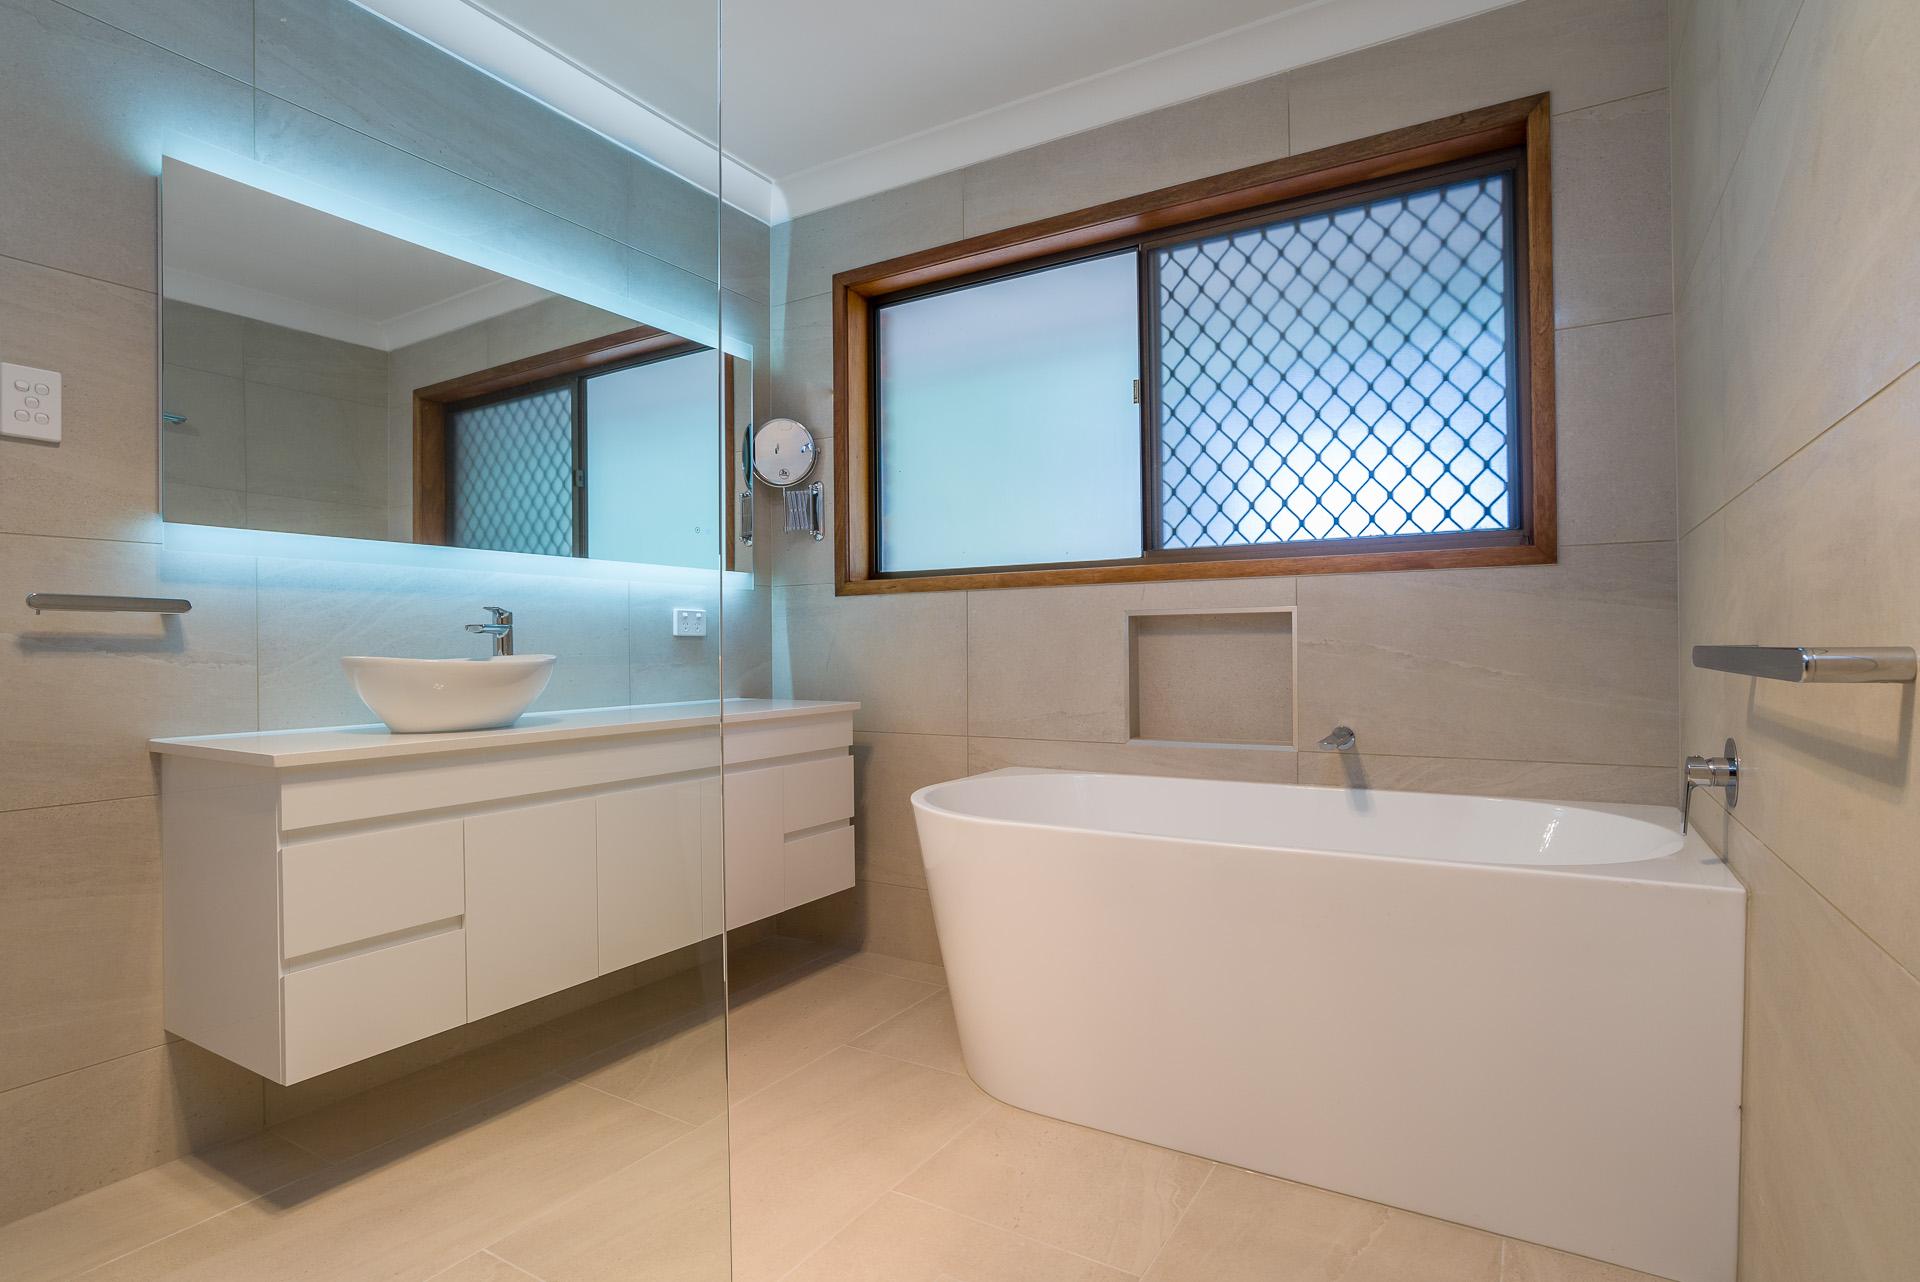 river city constructions bathroom bath tub